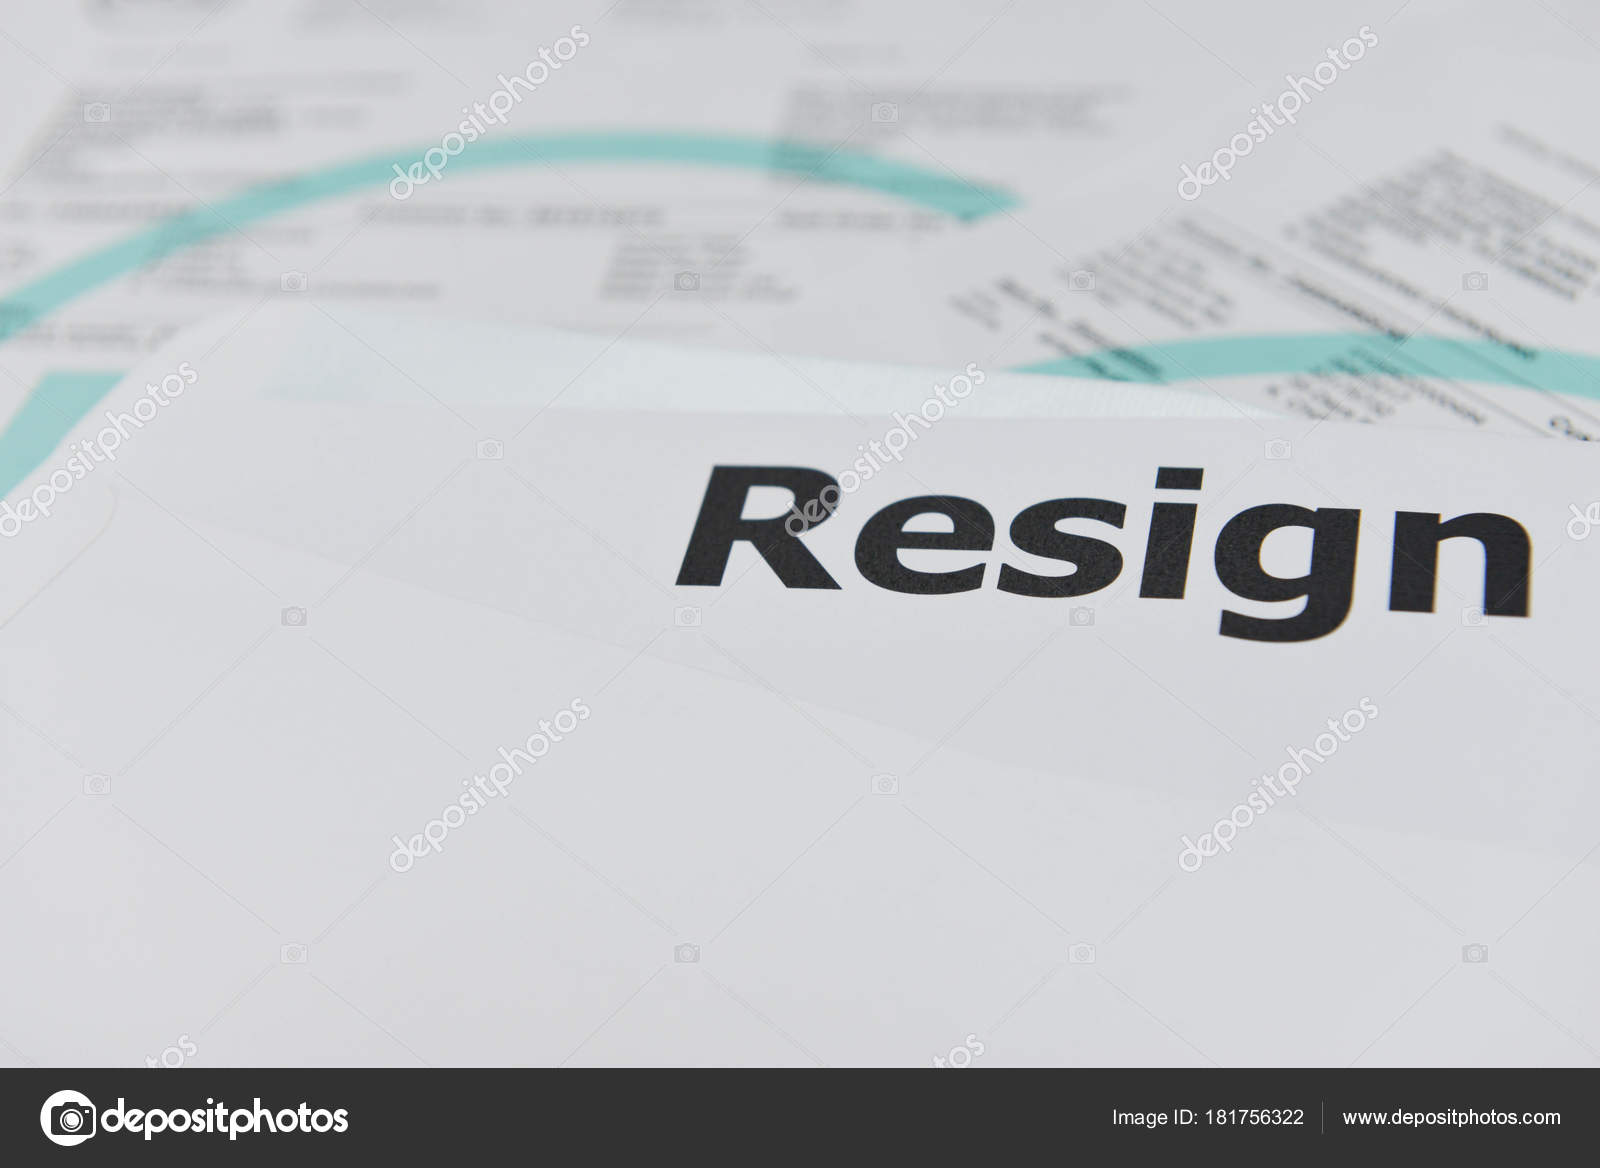 Resignation letter envelope stock photo magneticmcc 181756322 resignation letter envelope stock photo spiritdancerdesigns Gallery